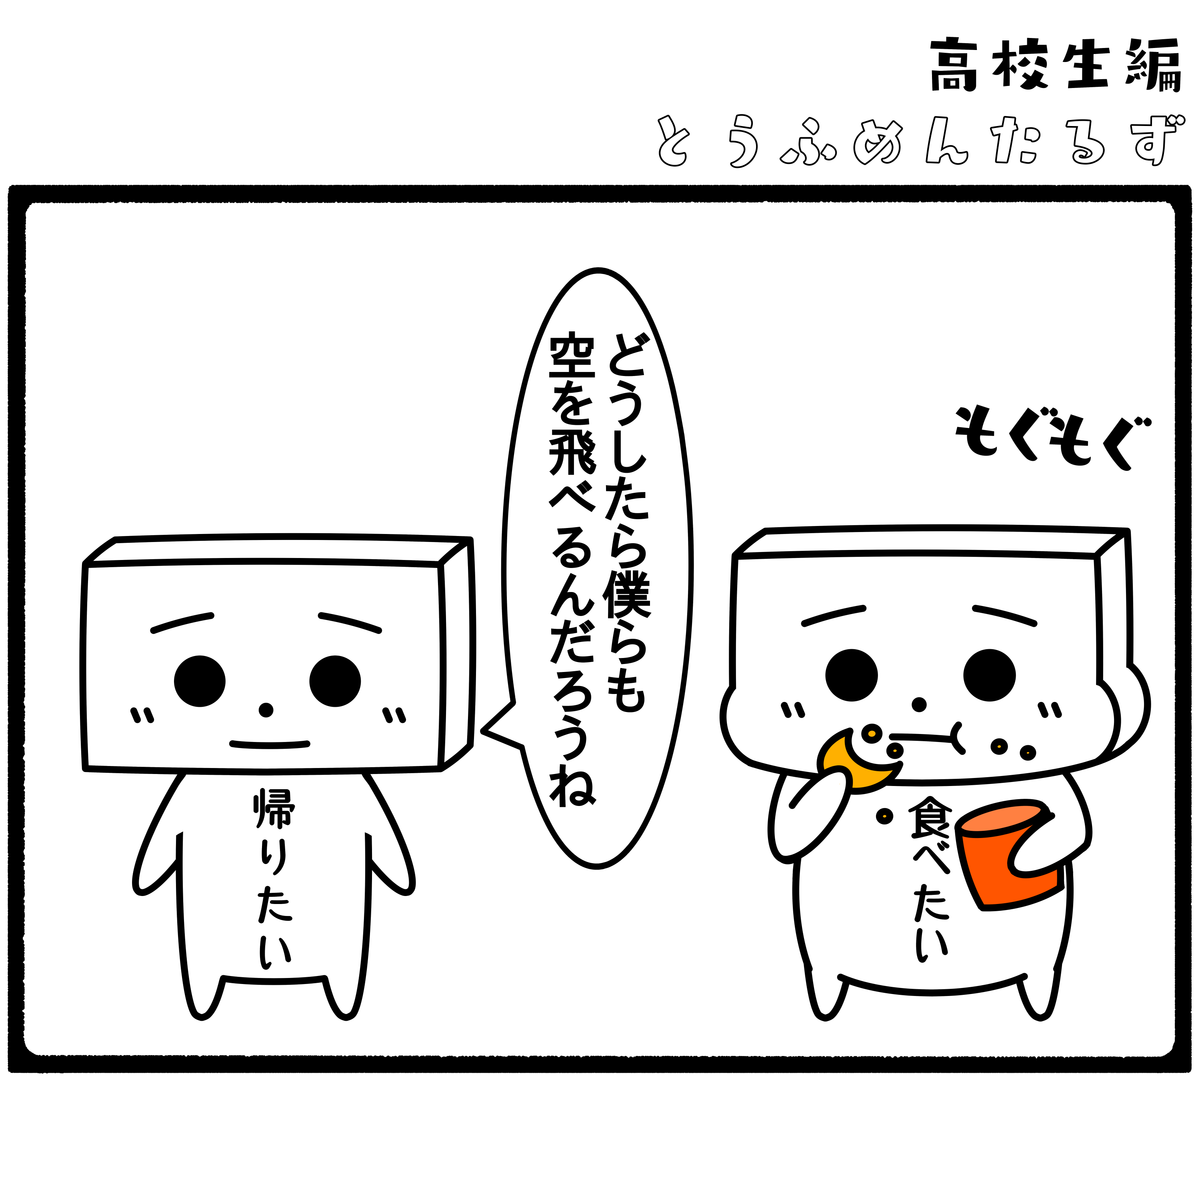 とうふめんたるず 豆腐メンタル 日常 4コマ漫画 高校生